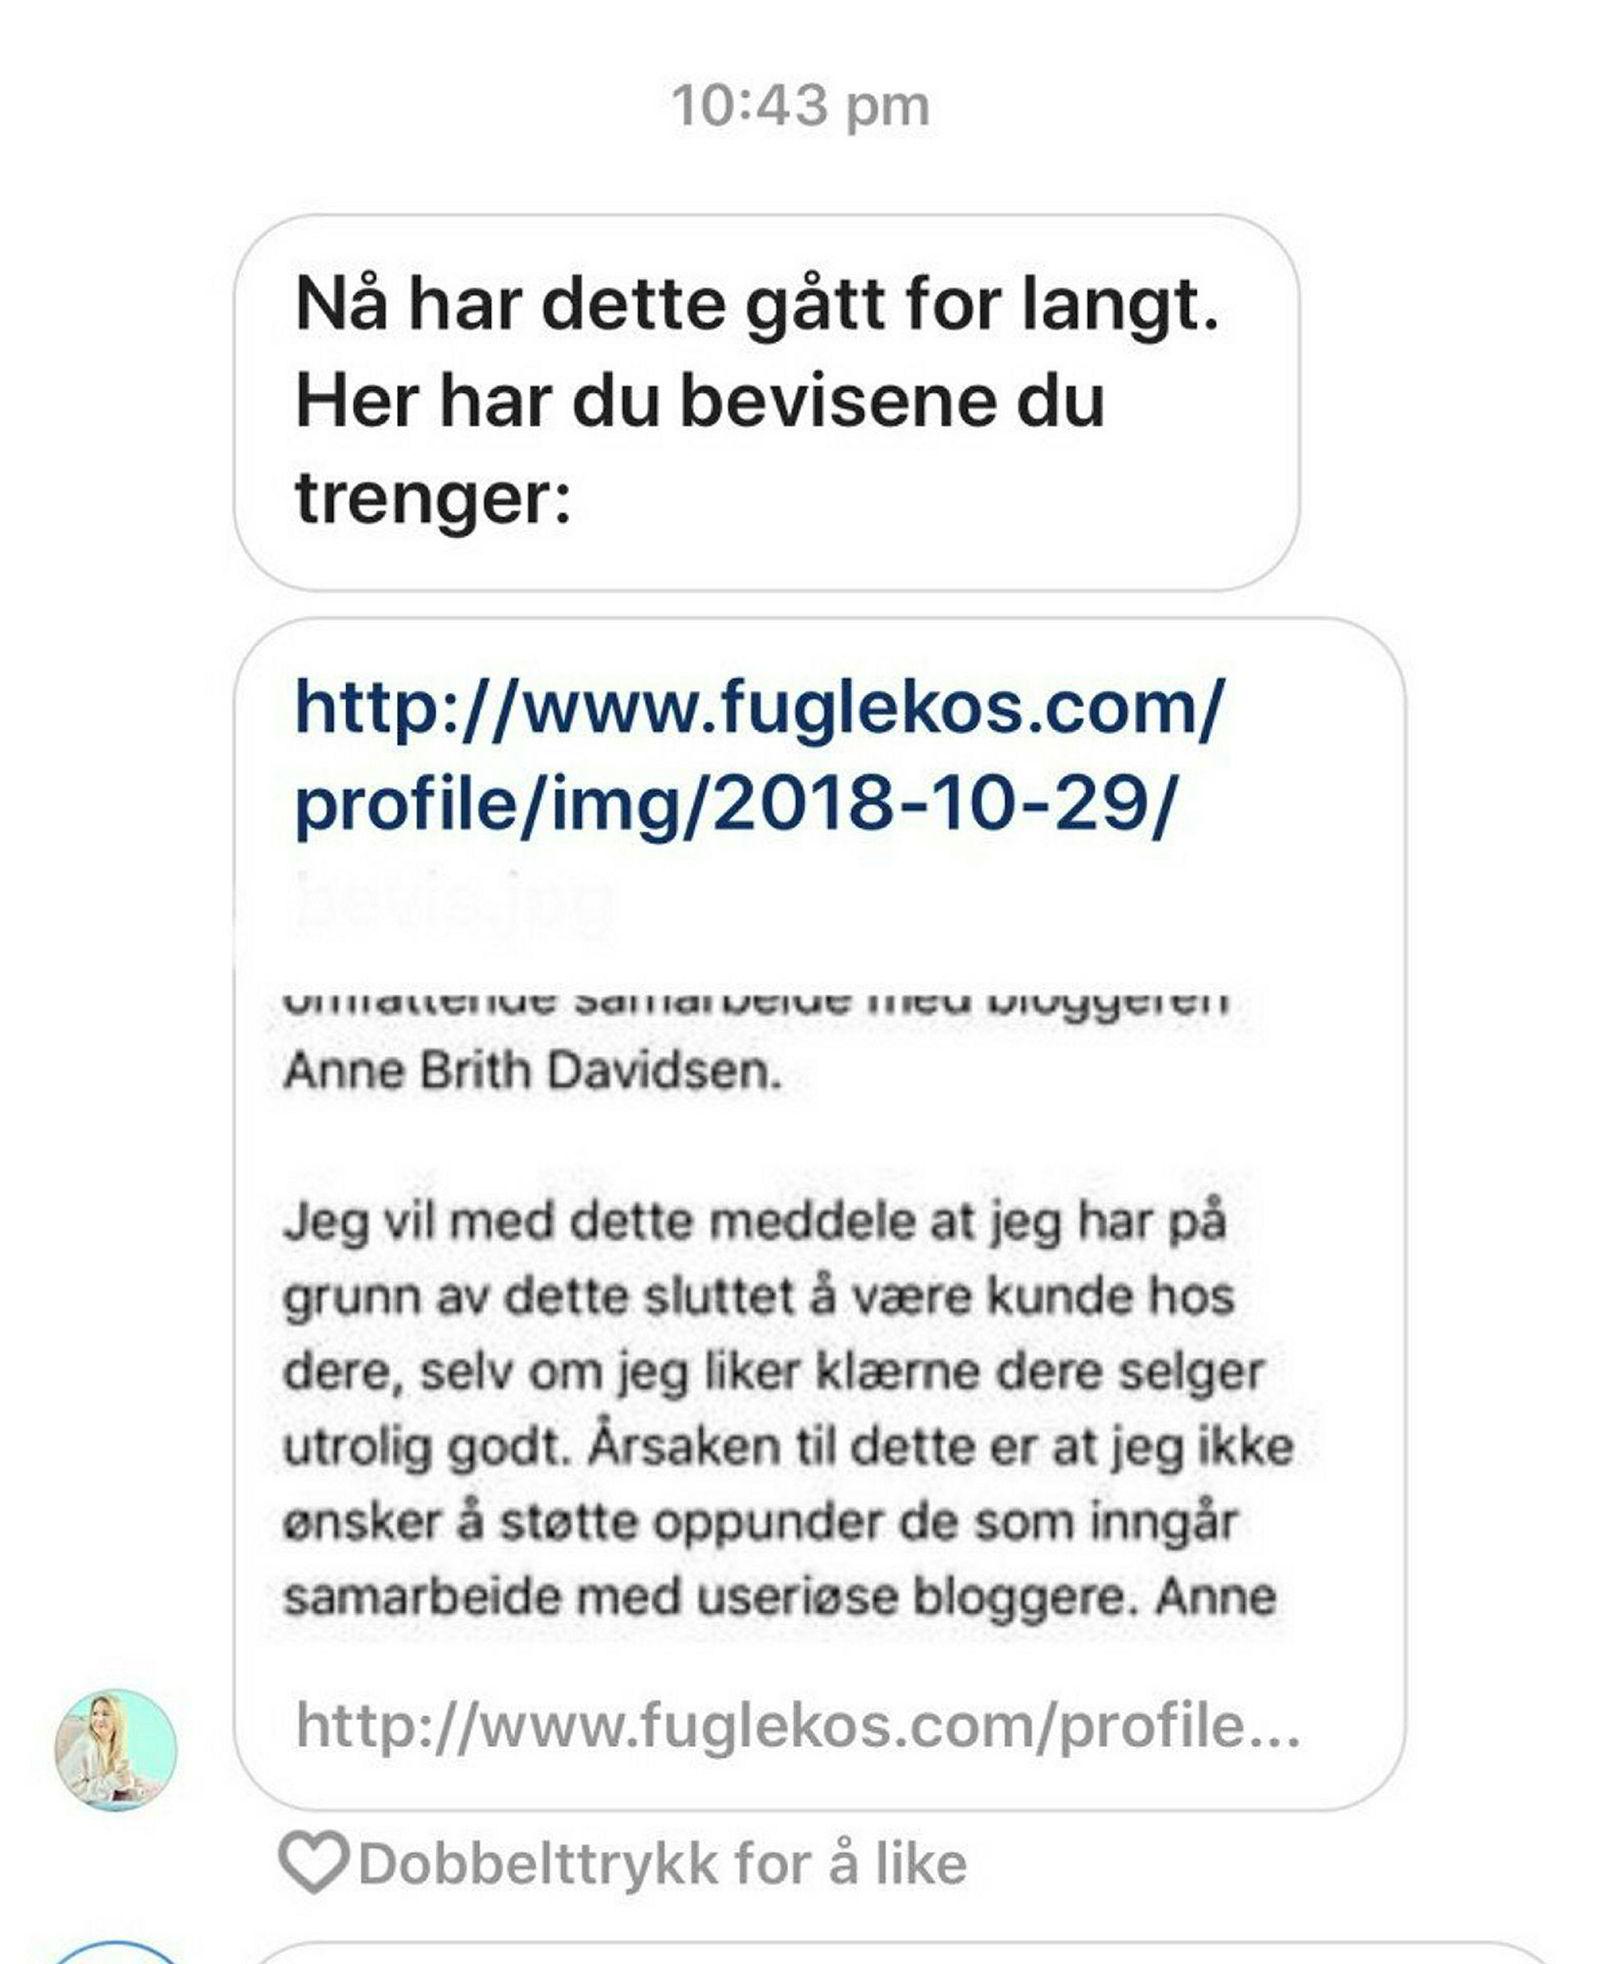 Bloggeren Anne Brith Davidsen sendte denne meldingen til bloggeren som skrev kritiske saker om henne. Linken fra Fuglekos.com inneholder en såkalt ip-grabber.